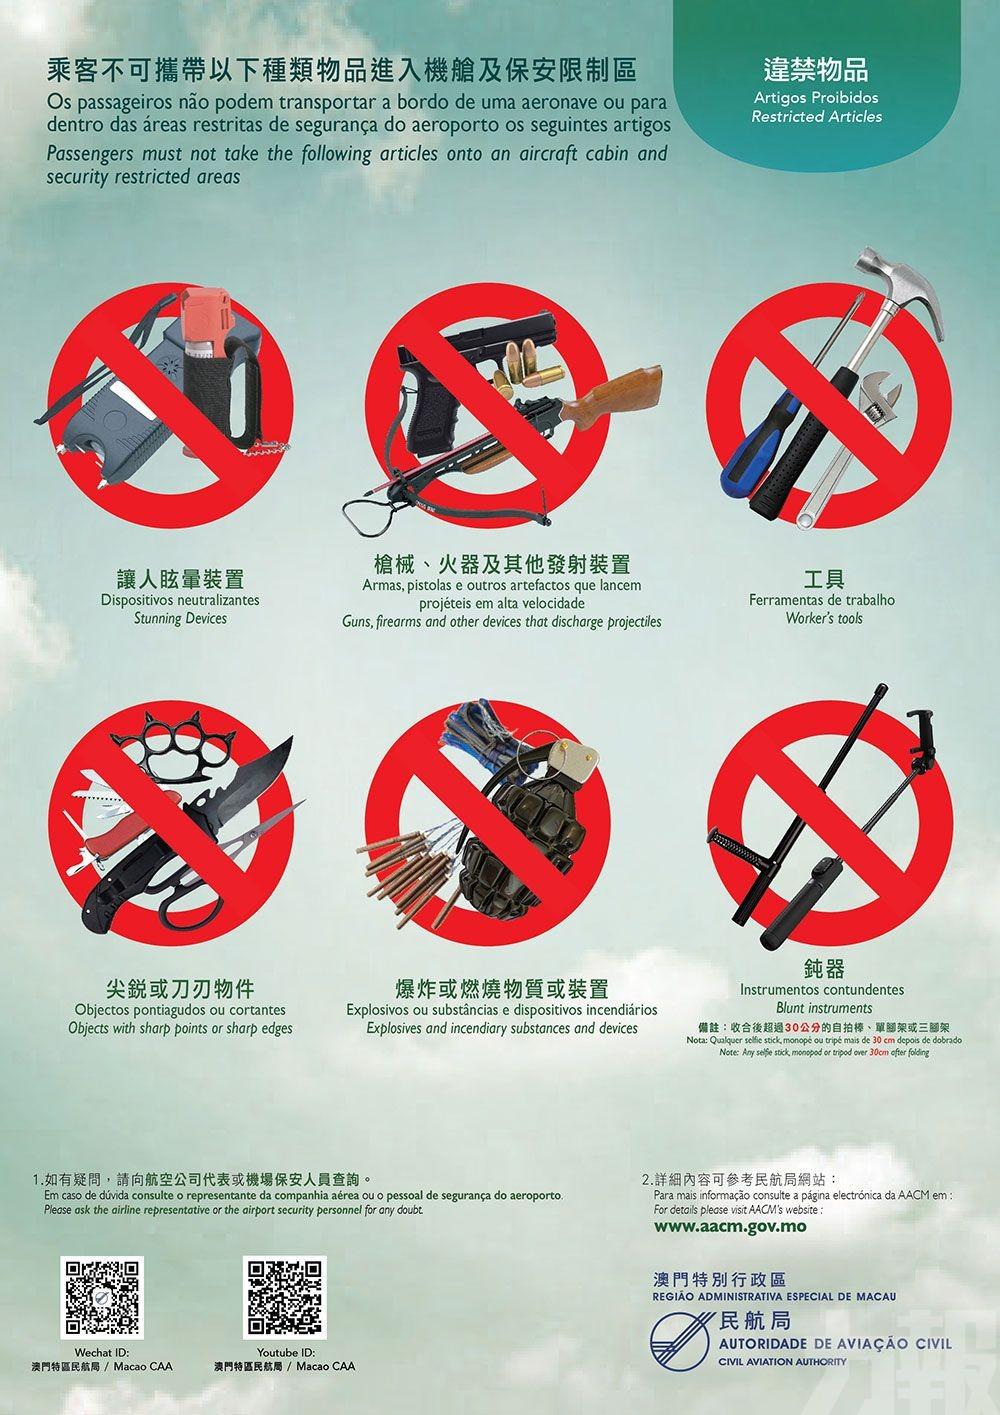 下月起澳門機場禁攜逾30公分自拍棍